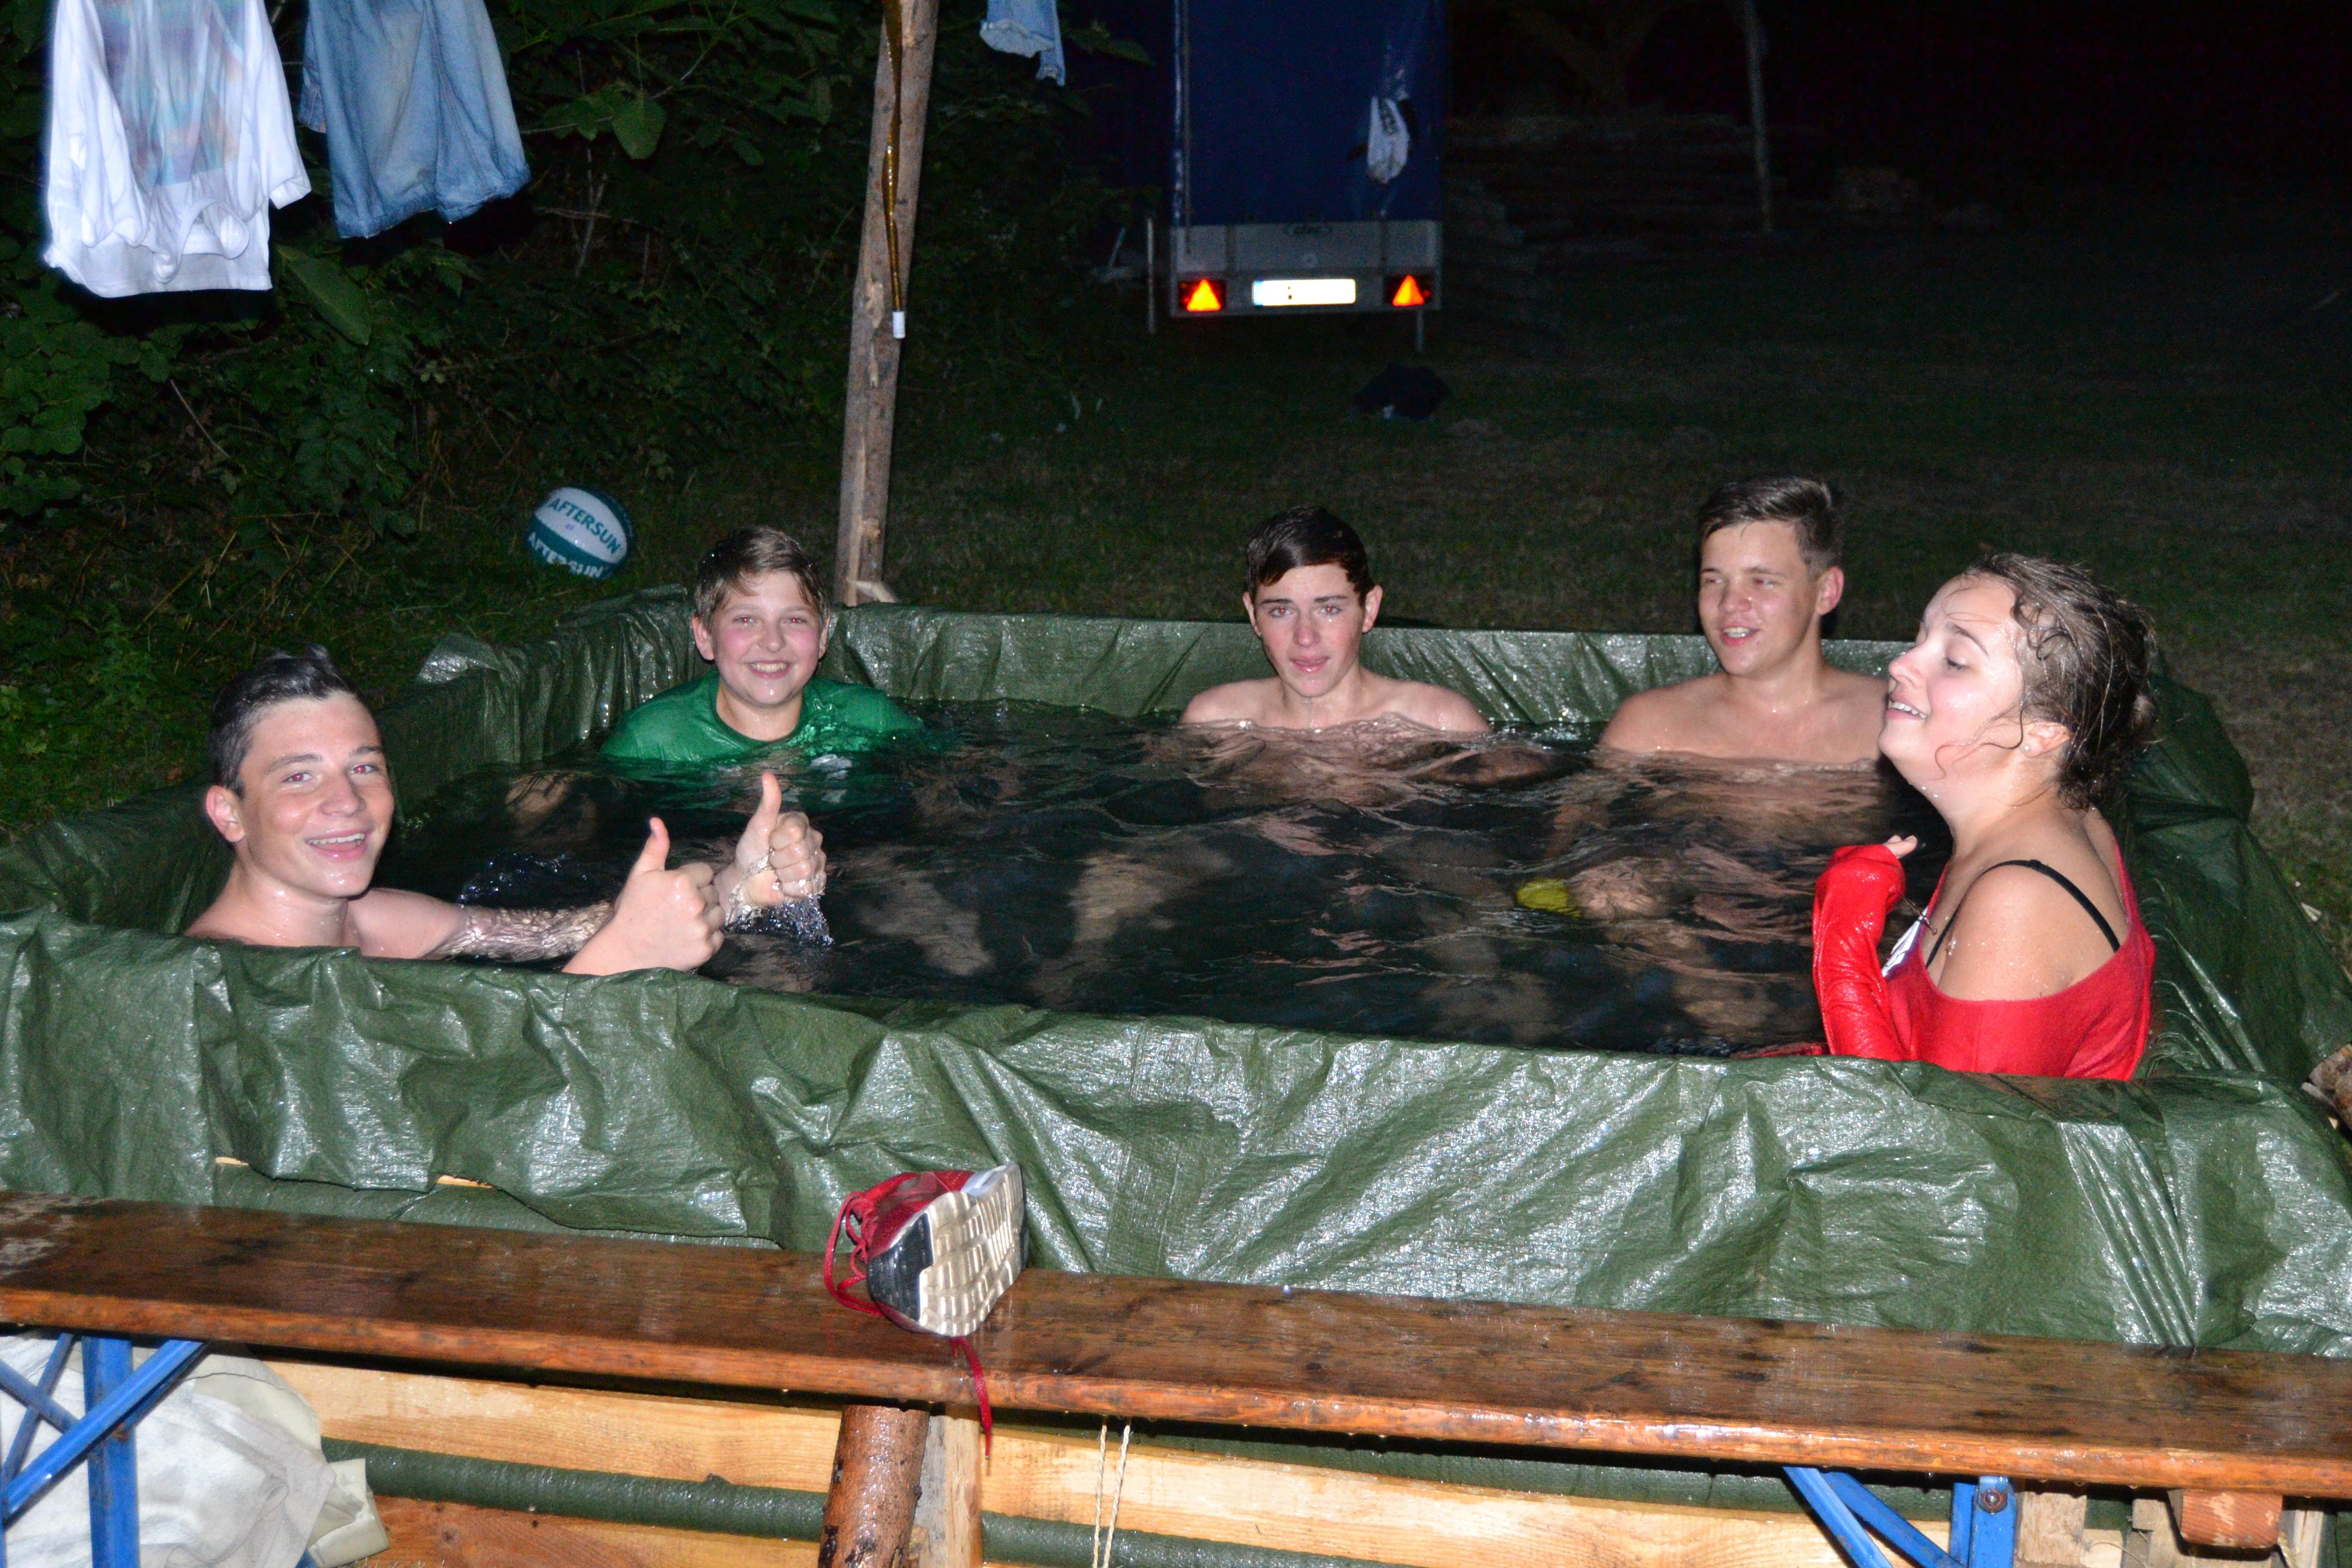 Der Pool wird genutzt